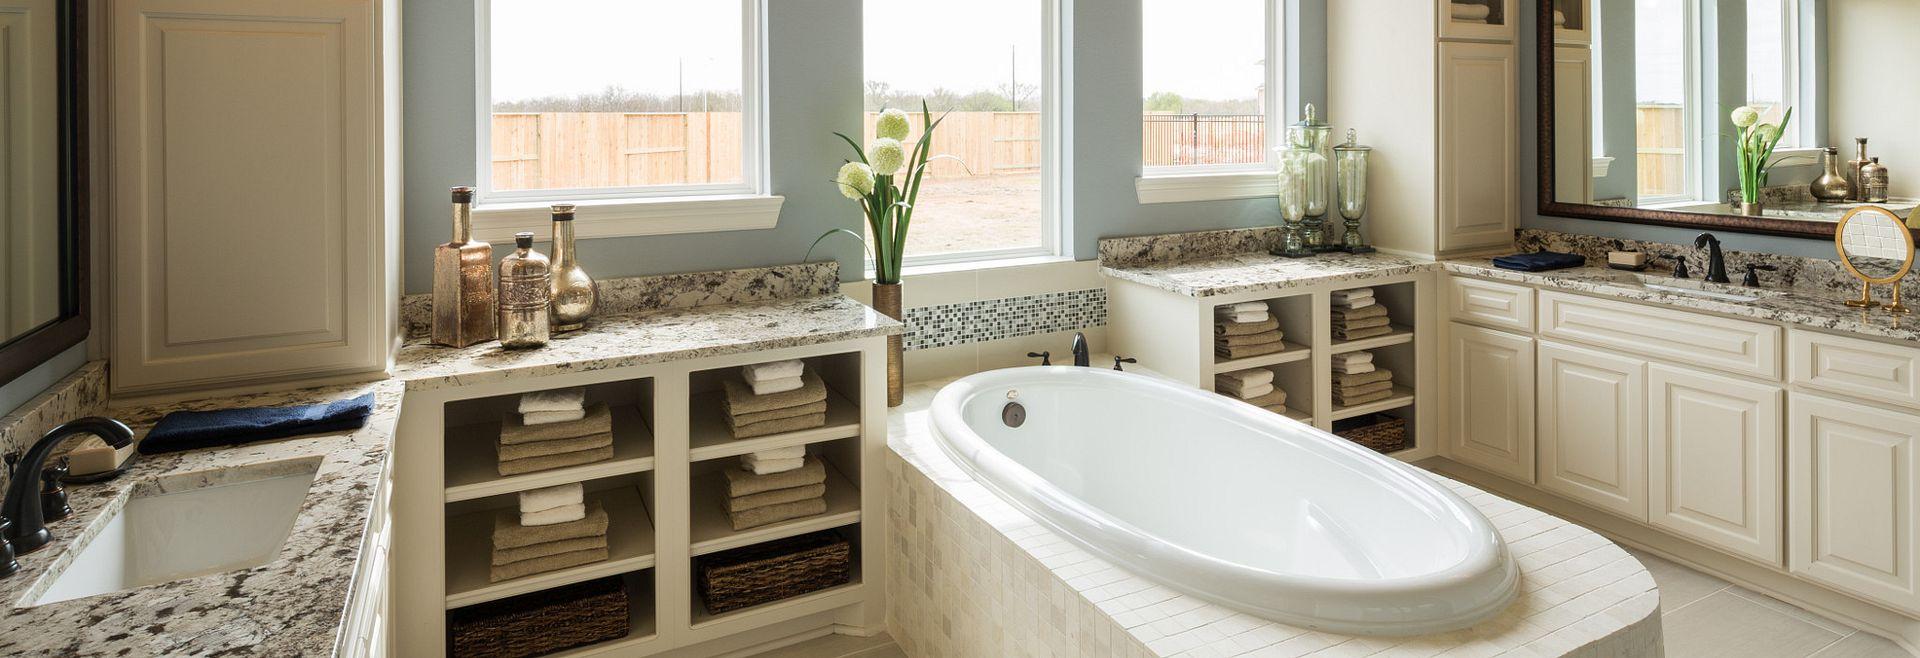 Cane Island Plan 6015 Master Bath